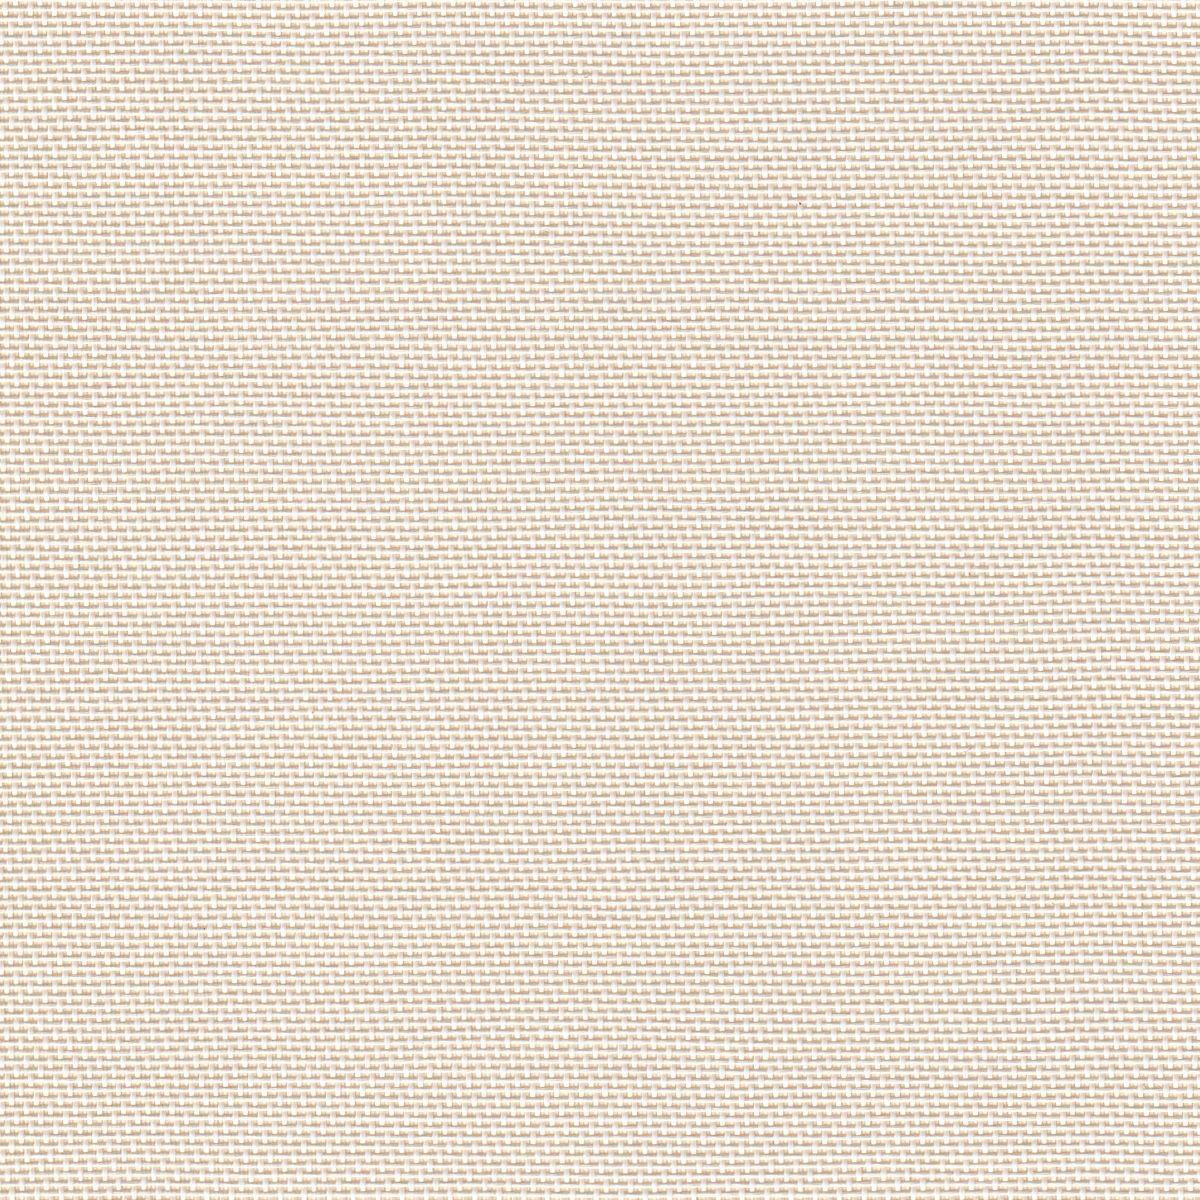 Nordic Screen Twill White-Linen